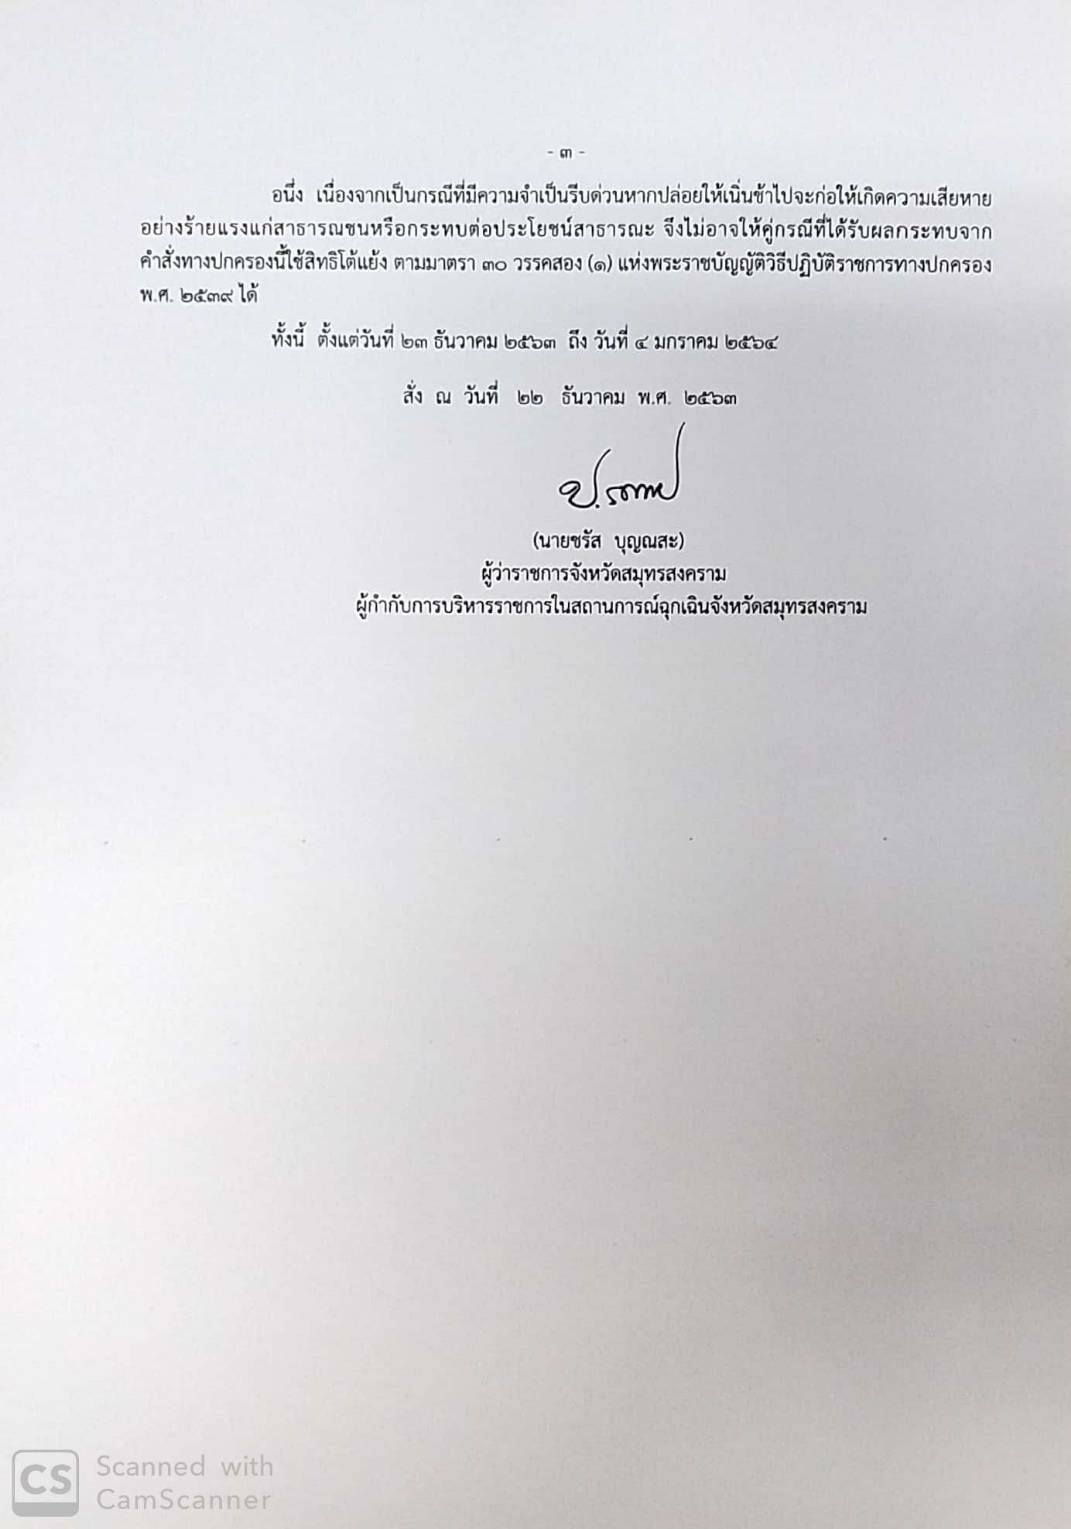 ผู้ว่าราชการจังหวัดสมุทรสงคราม ลงนามประกาศ ปิดสถานที่เสี่ยงต่อการแพร่ระบาดของโรคติดต่ออันตราย 1608645246